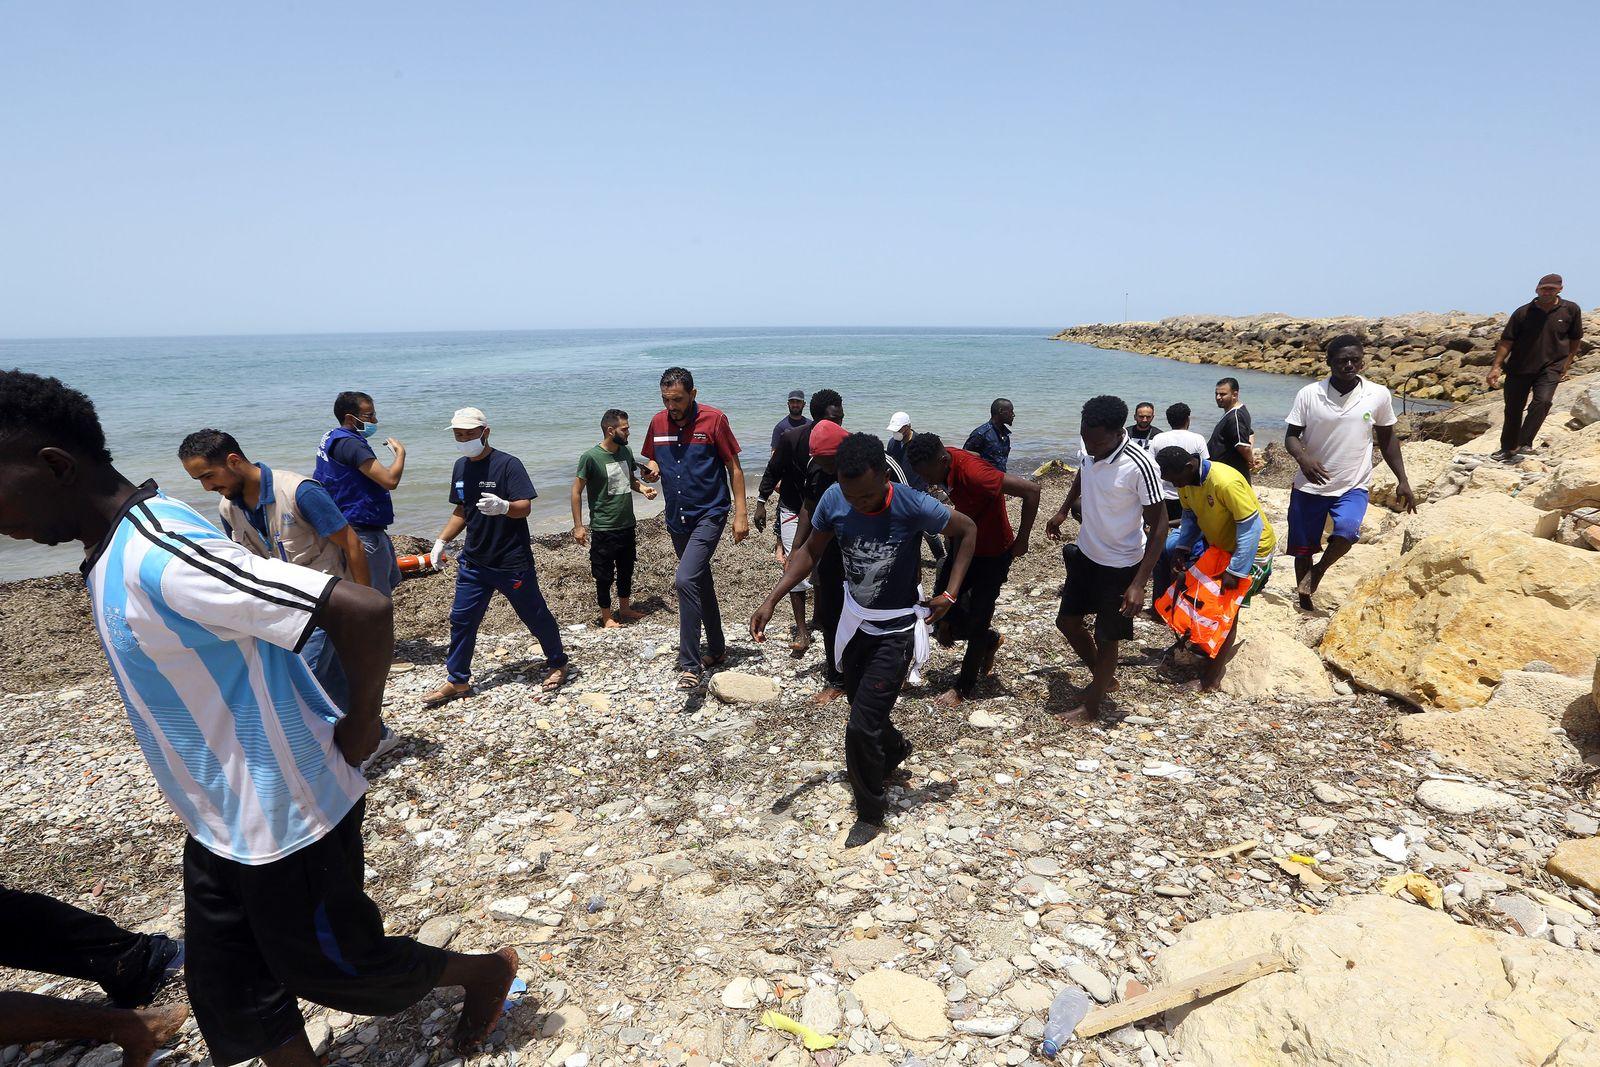 Flüchtlinge vor der Küste Libyens